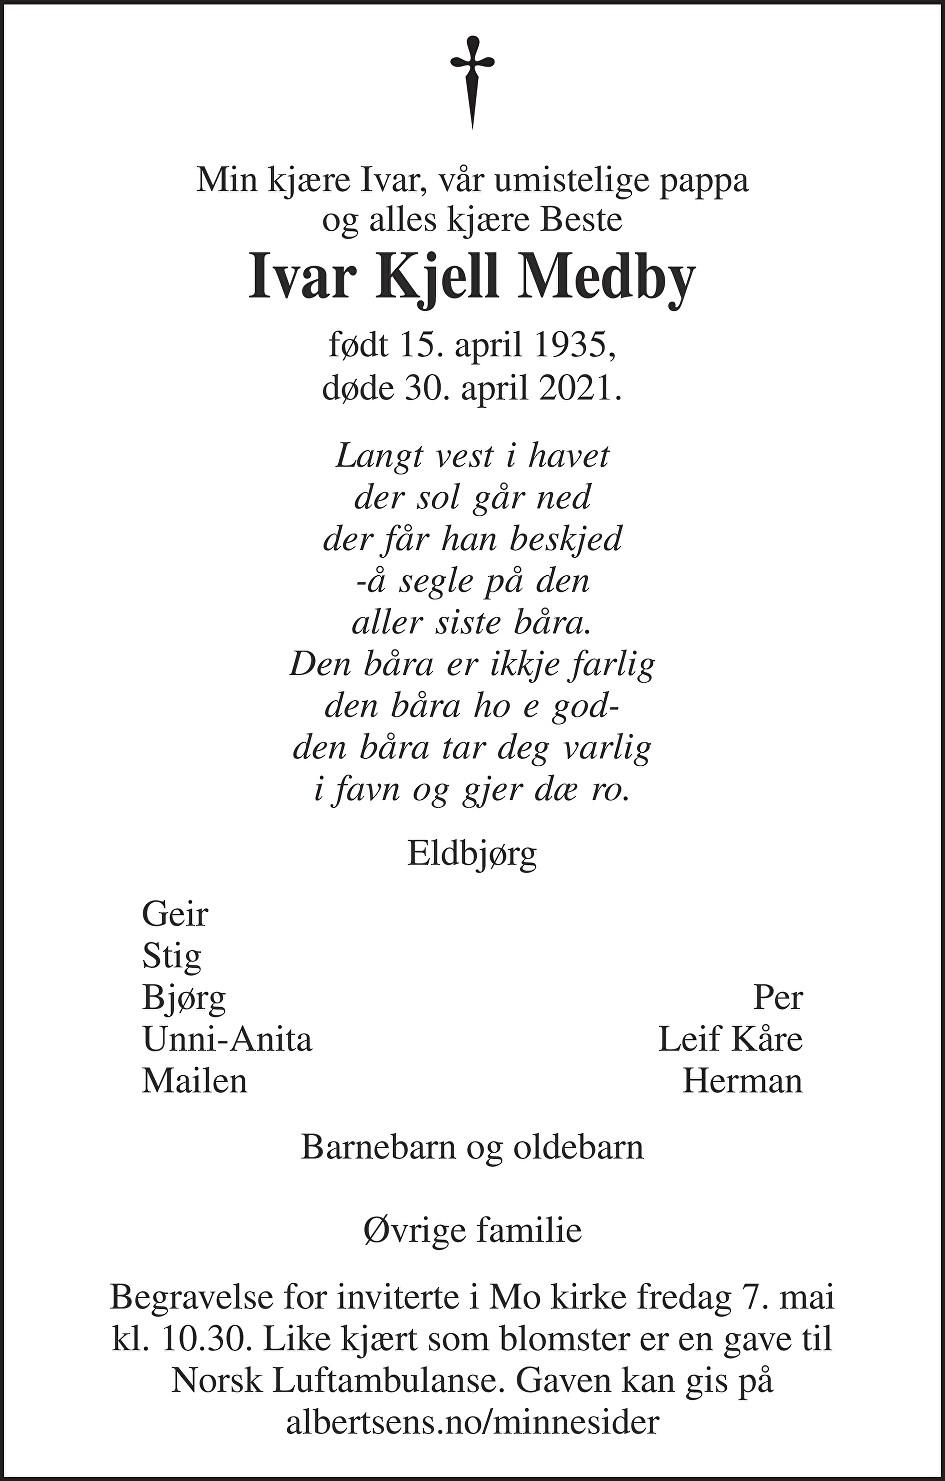 Ivar Kjell Medby Dødsannonse